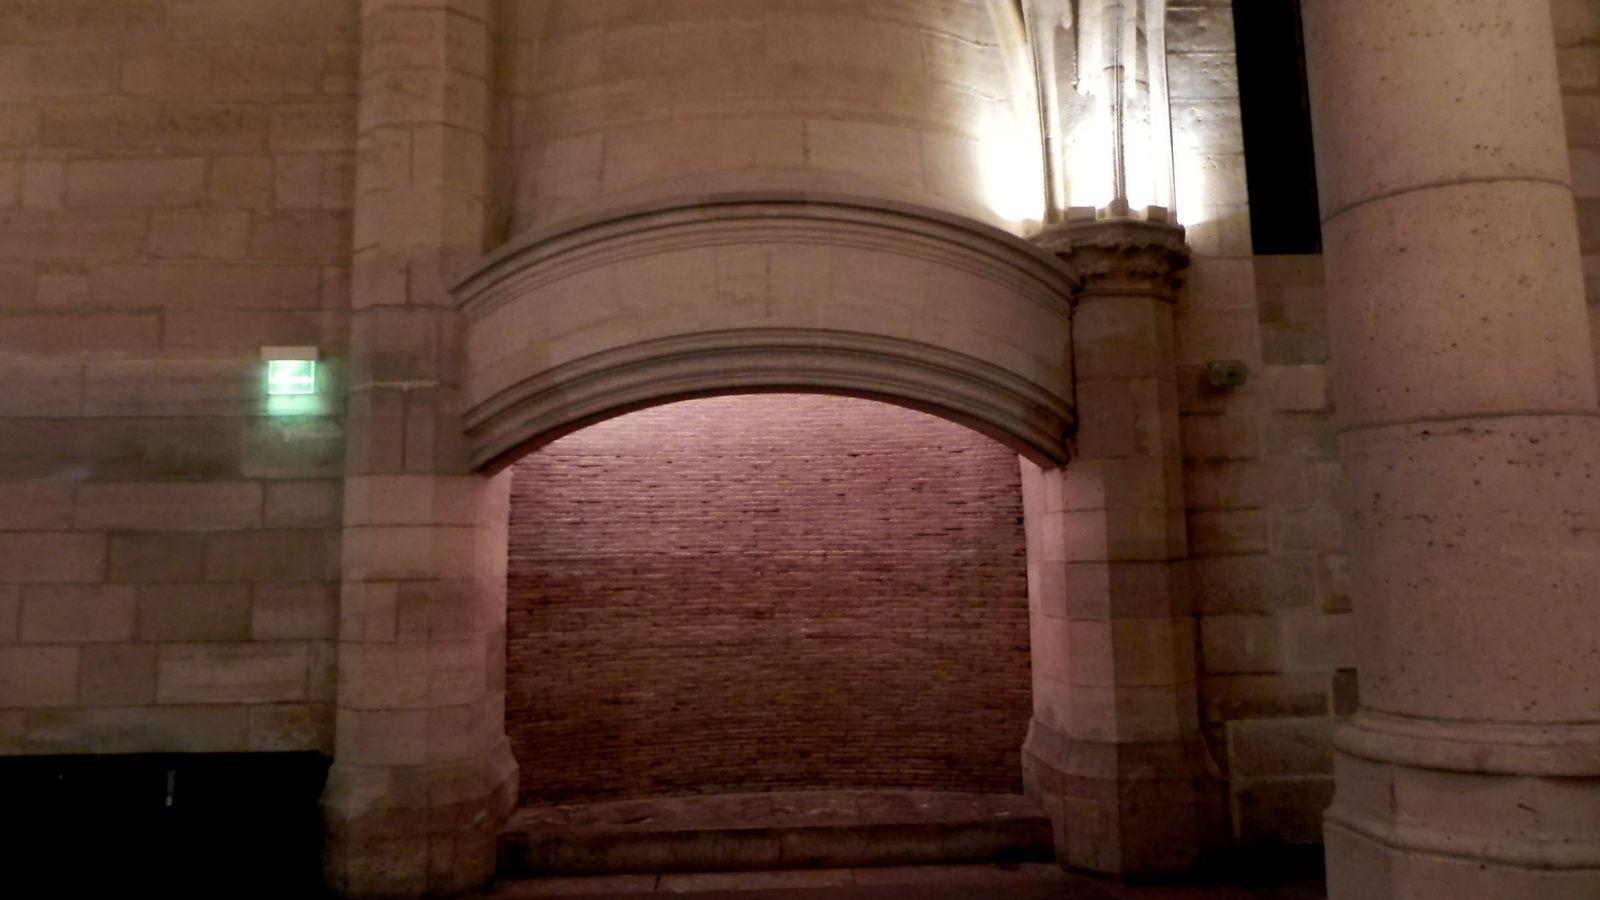 Quatre cheminées chauffaient ce vaste réfectoire.